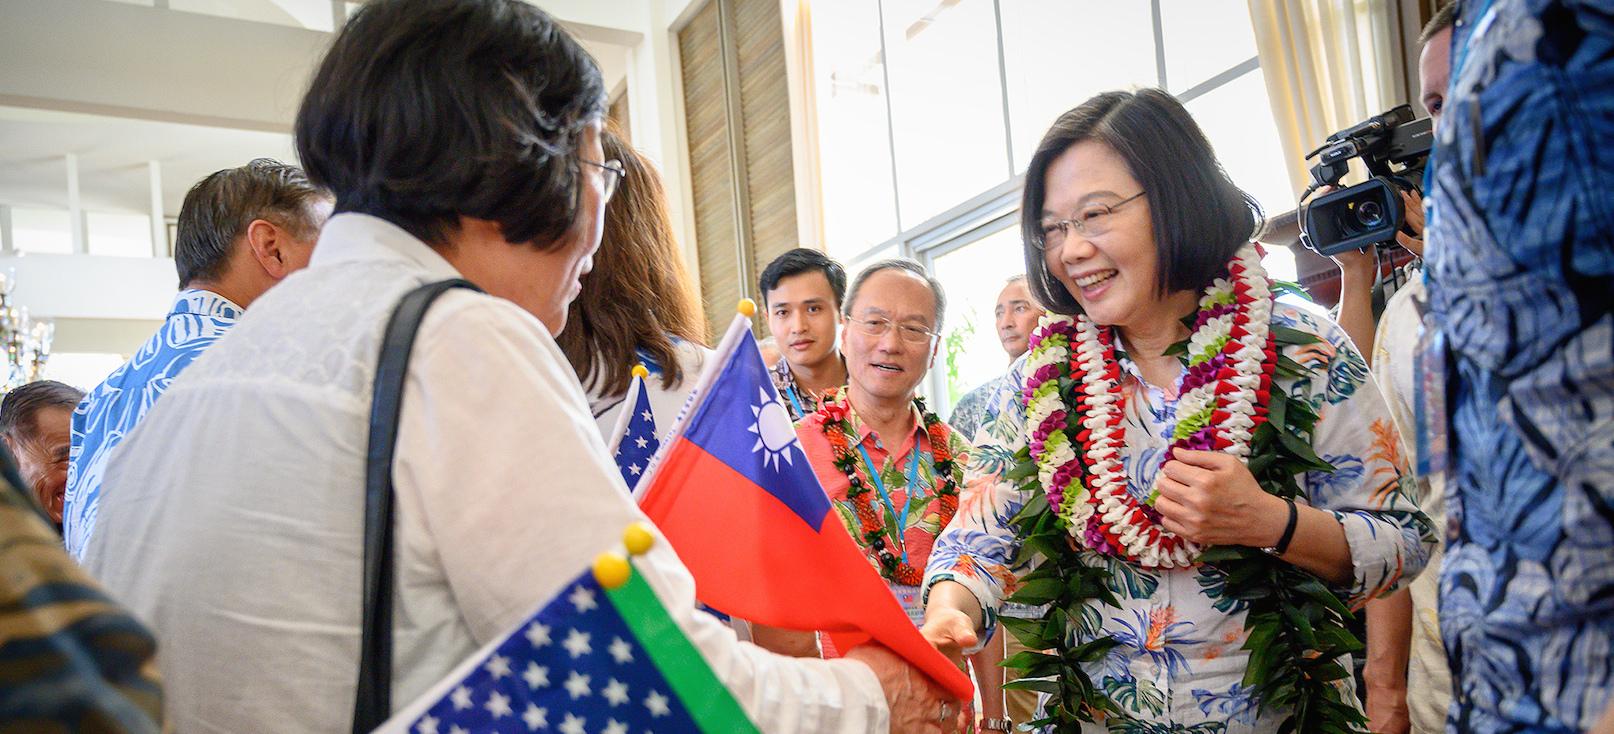 La présidente taïwanaise Tsai Ing-wen lors d'une escale à Hawaï, le 27 mars 2019. (Source : The Diplomat)